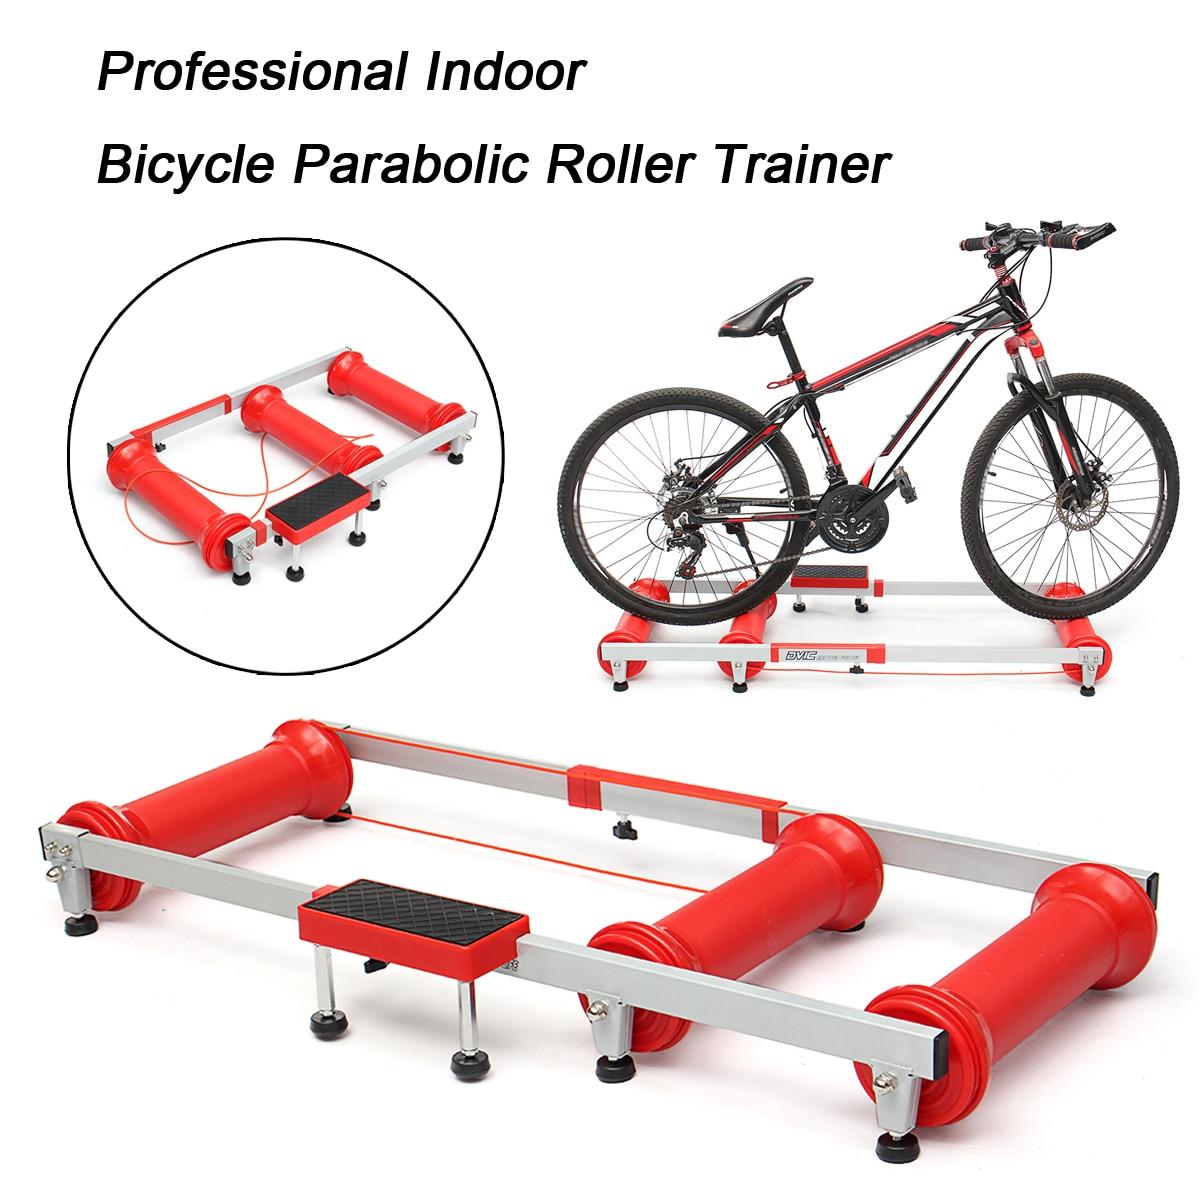 Professionnel Intérieure Vélo Vélo Rouleau Rouleaux Formateur Exercice Fitness Rack Vélo Formateur Outil Vélo Formateur